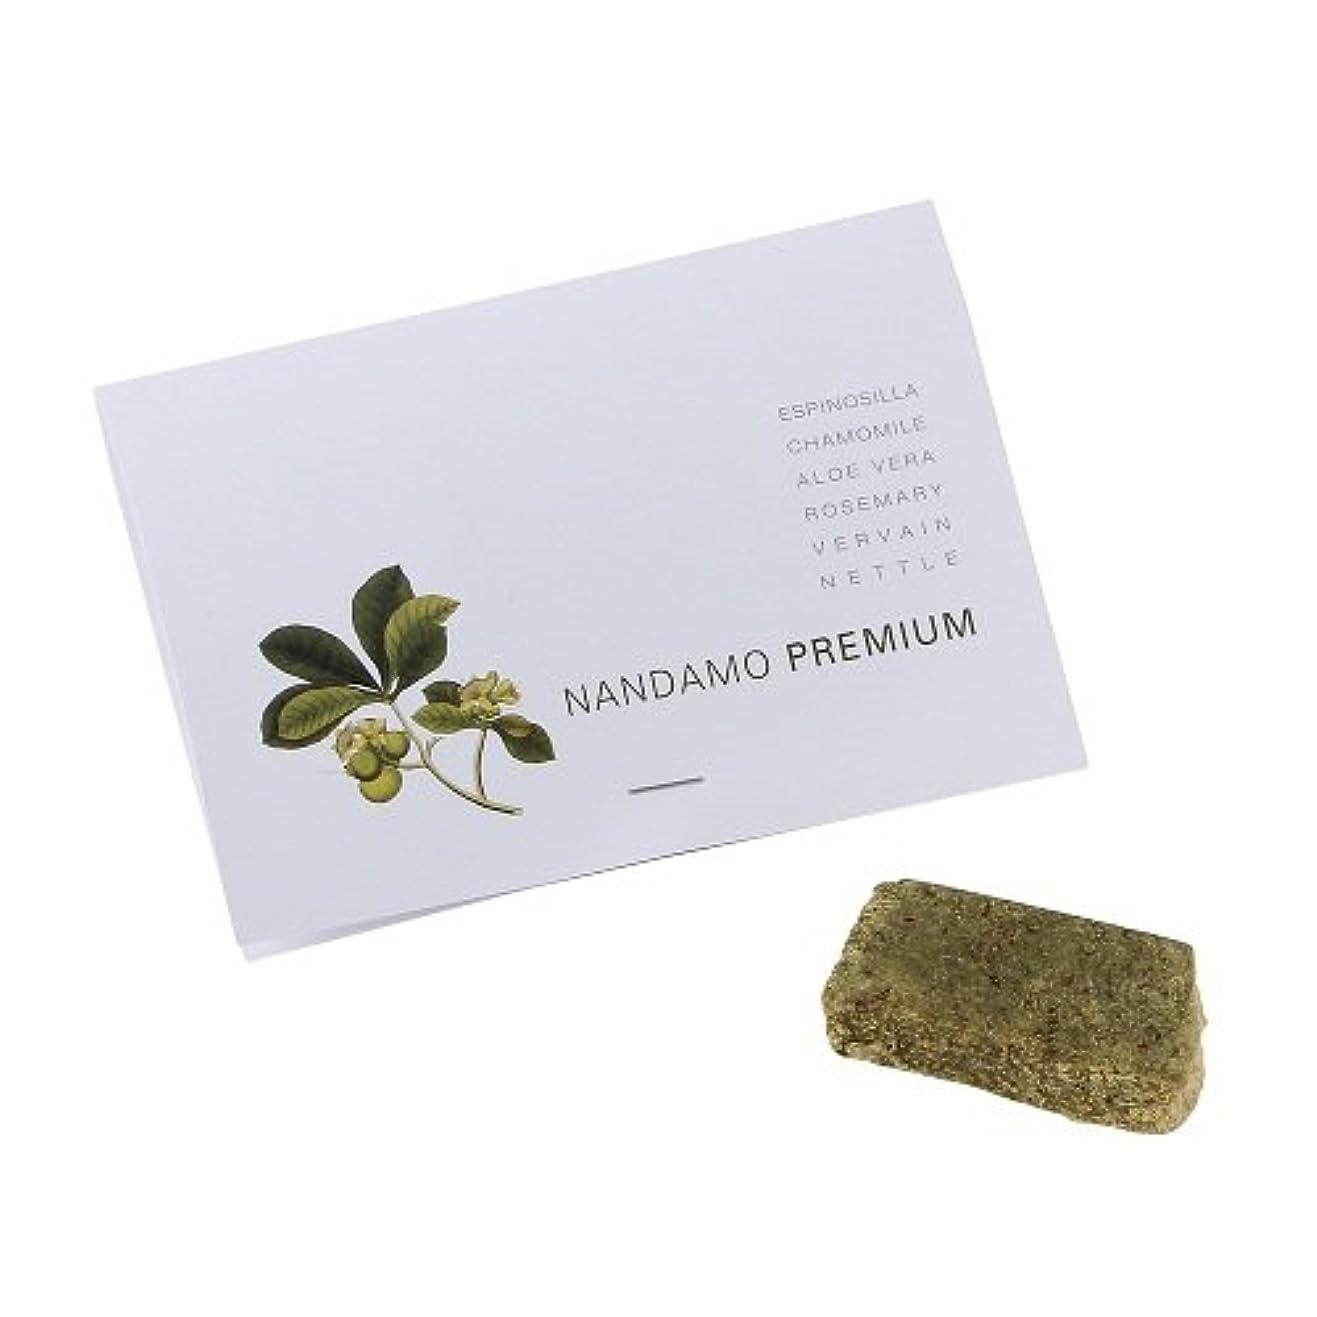 アーサーコナンドイル立証する乞食NANDAMO PREMIUM(ナンダモプレミアム)ナンダモプレミアム12.5g